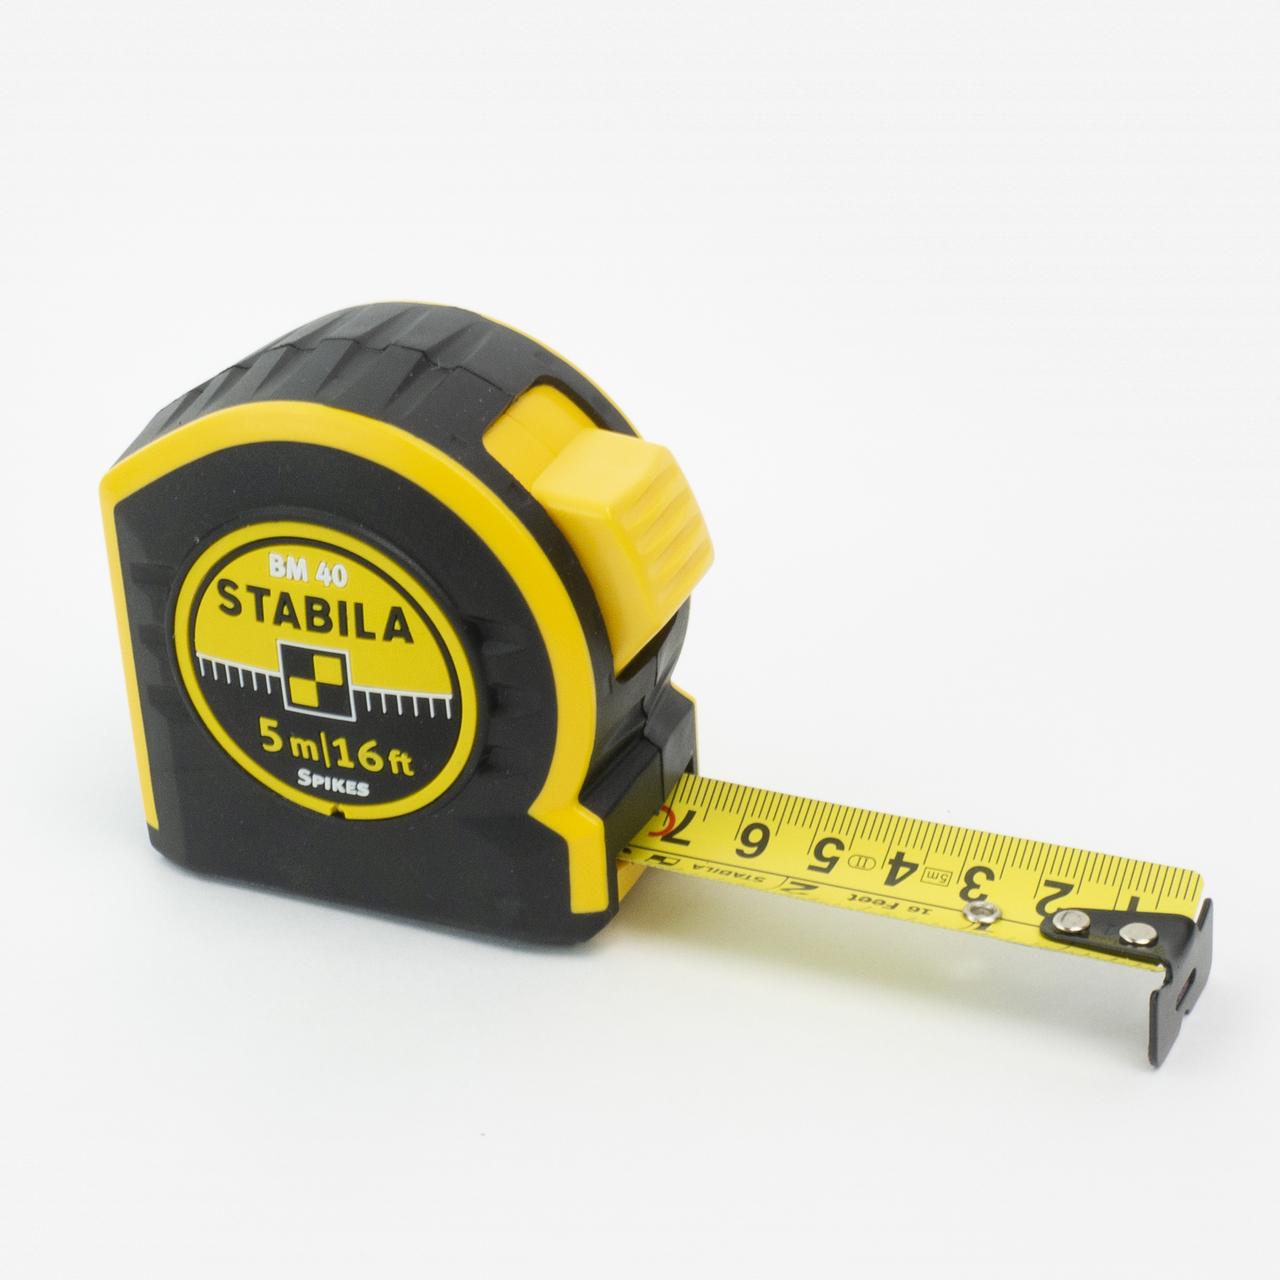 Stabila 30416 Type BM40 Tape Measure, 5m/16' - KC Tool